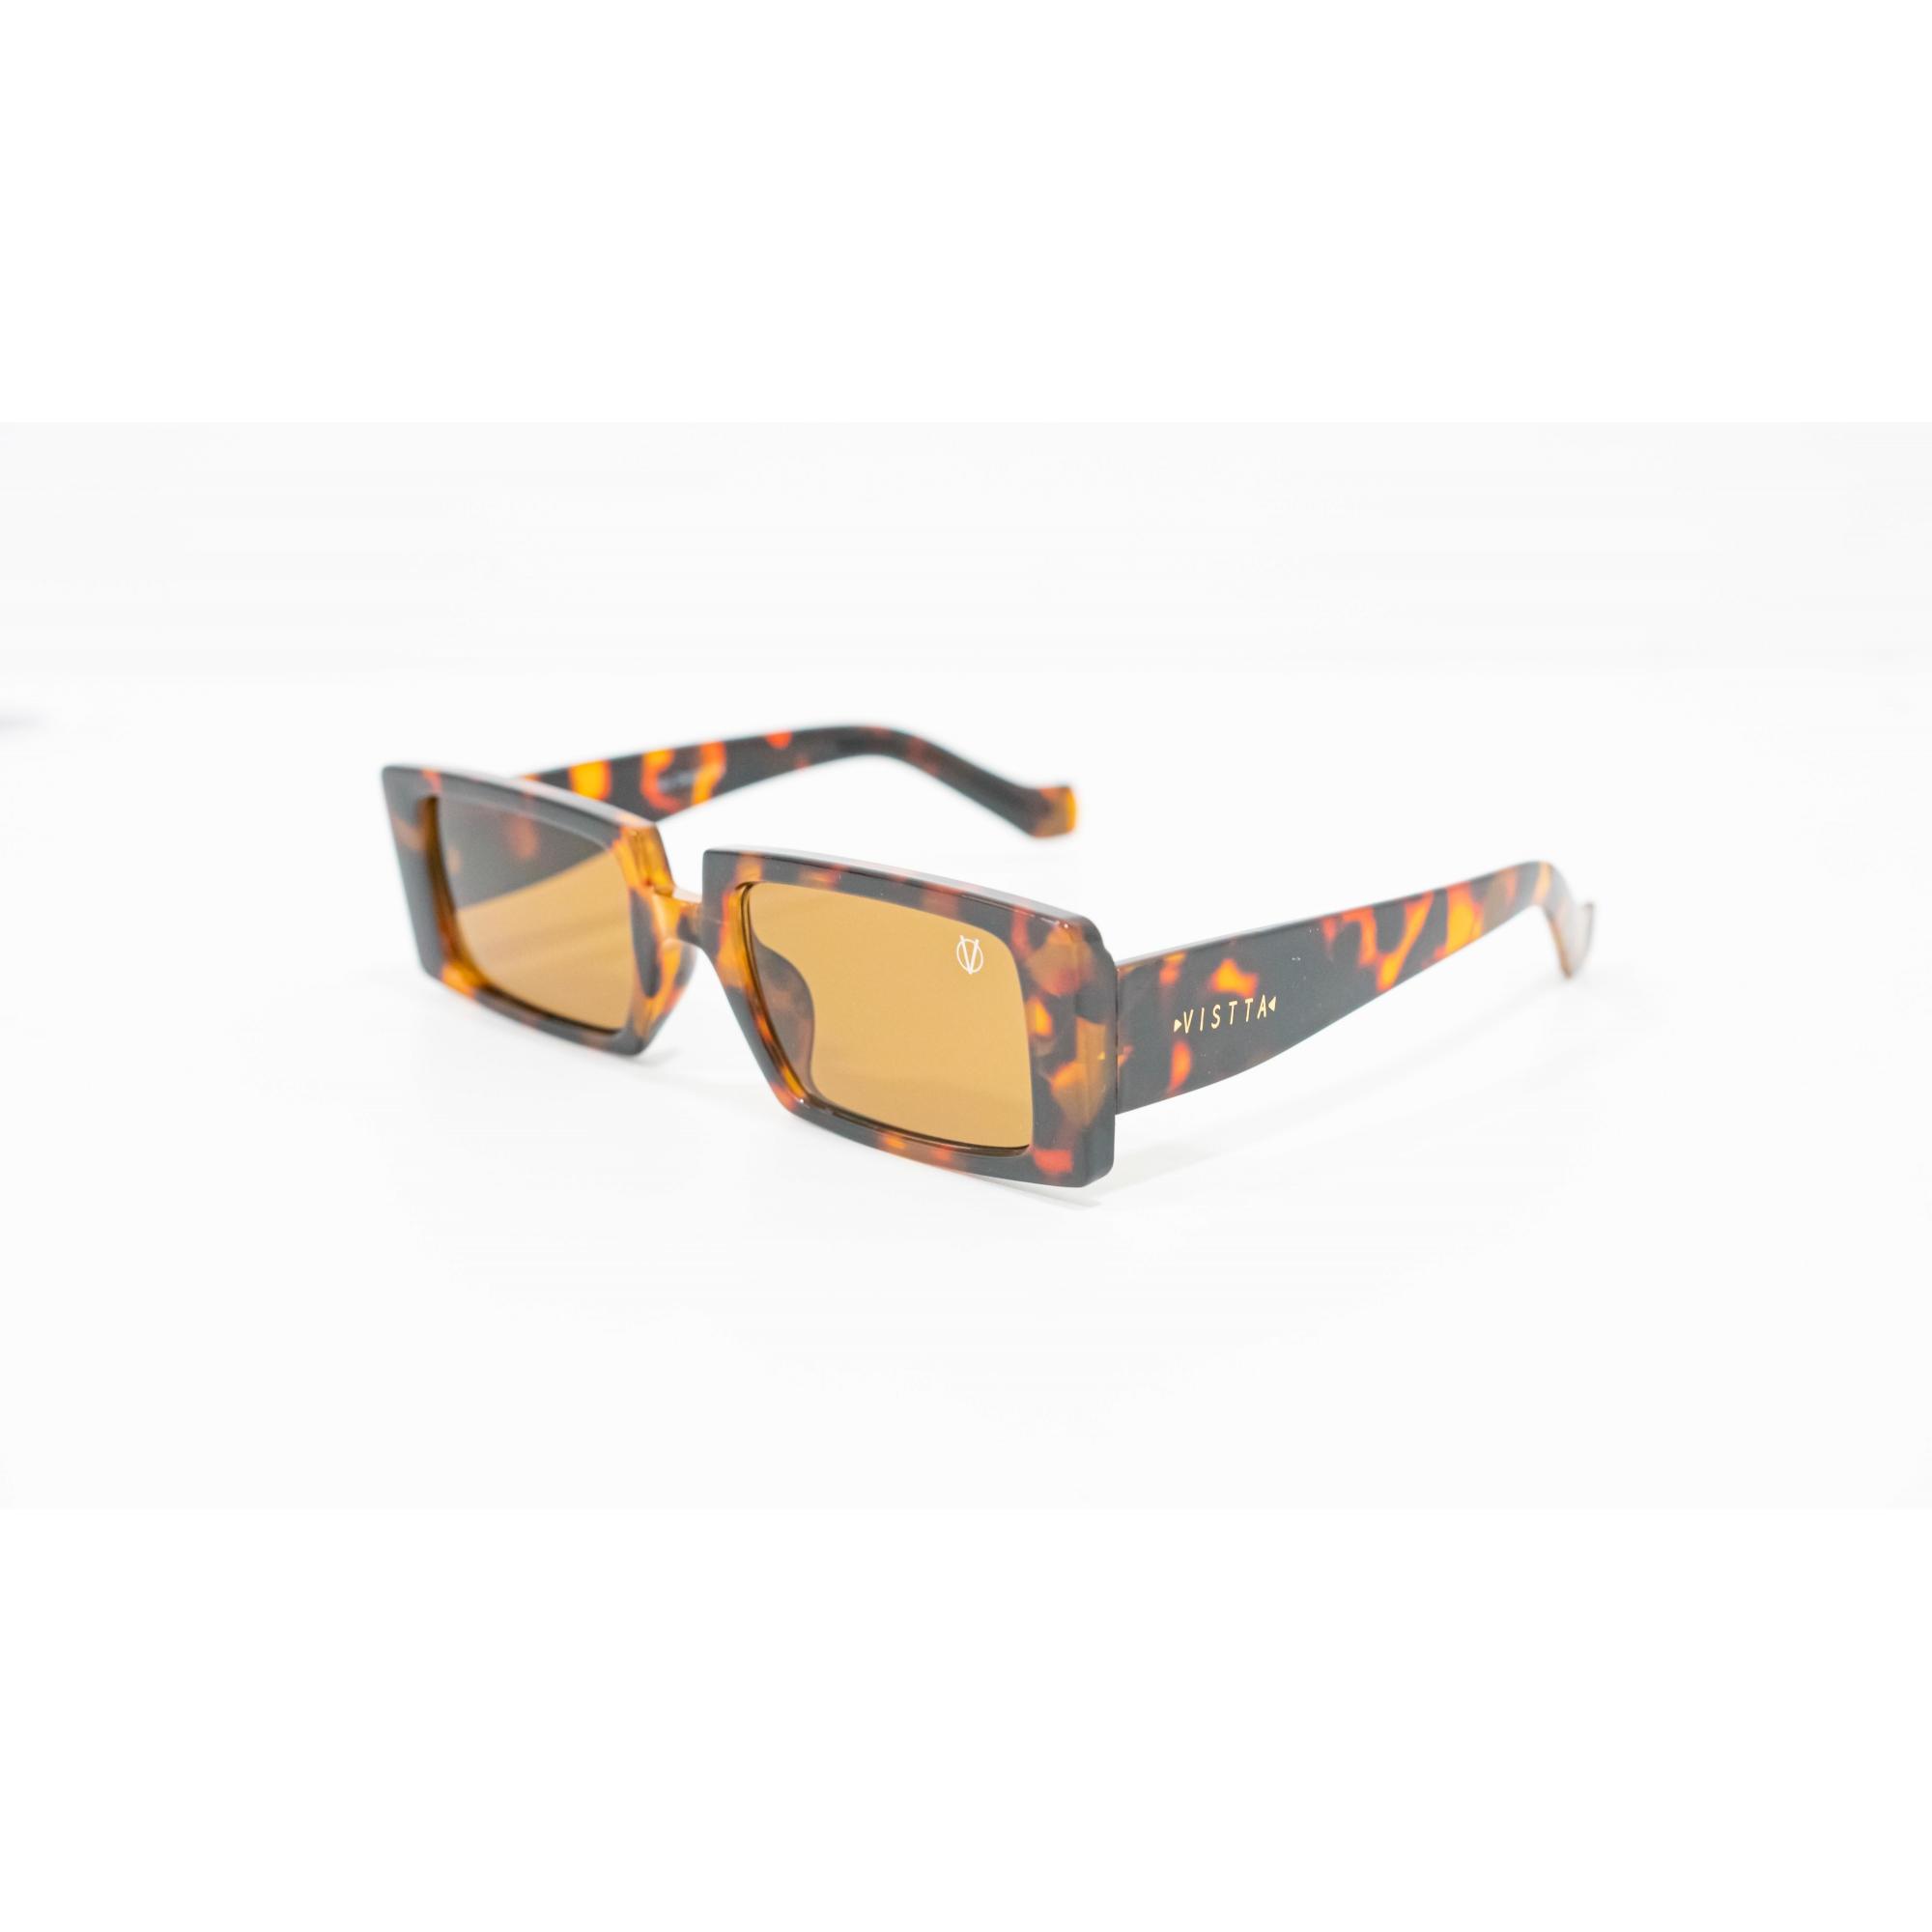 Óculos Vistta Aping Retangular LQ9007 C3 60 Tartaruga